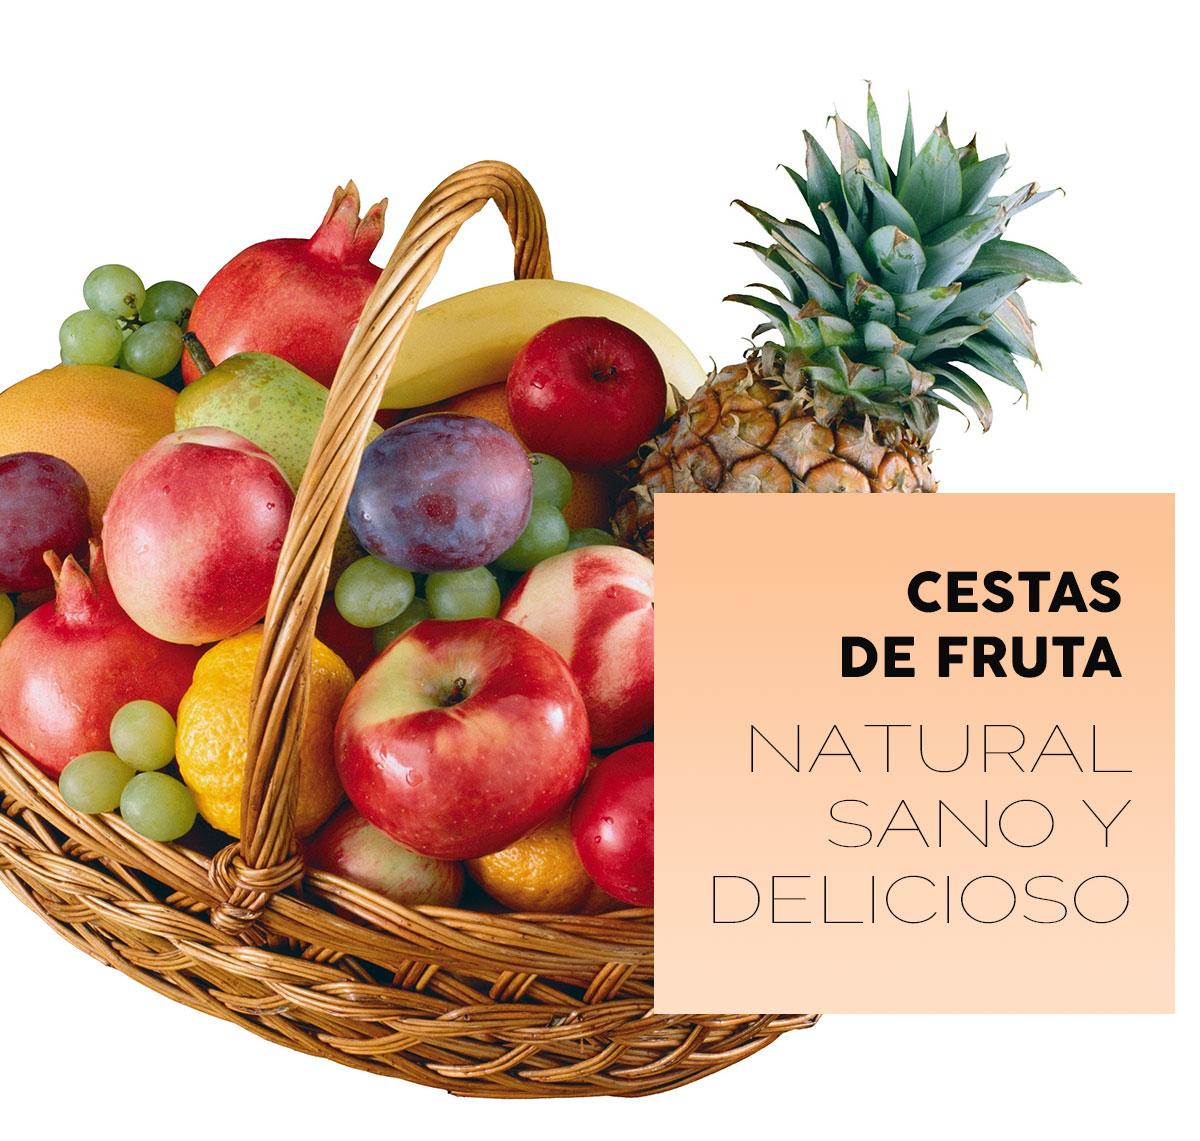 Cestas de fruta para añadir un toque natural y delicioso